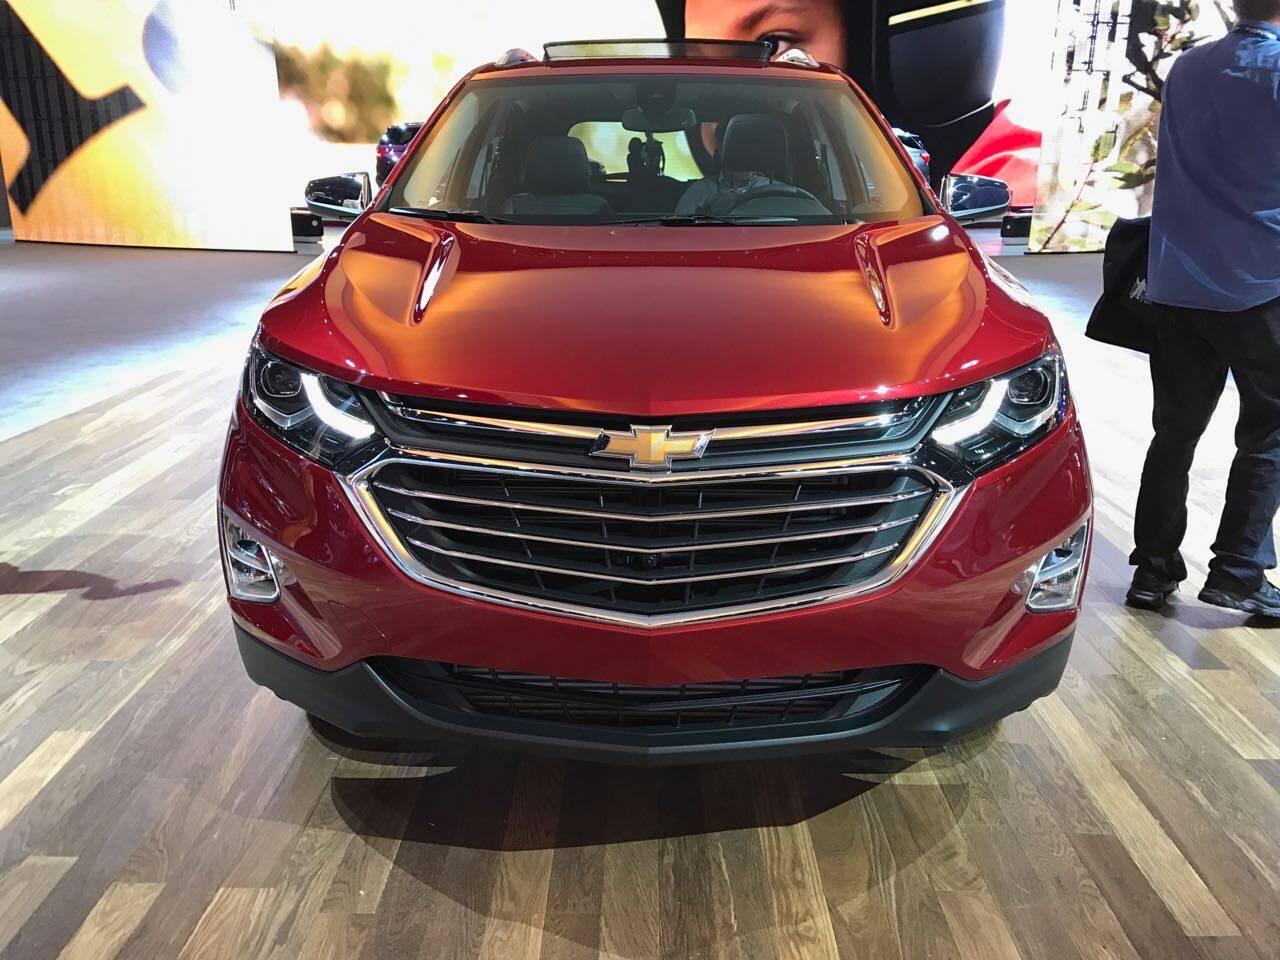 Chevrolet Equinox. Foto: André Jalonetsky/iG Carros